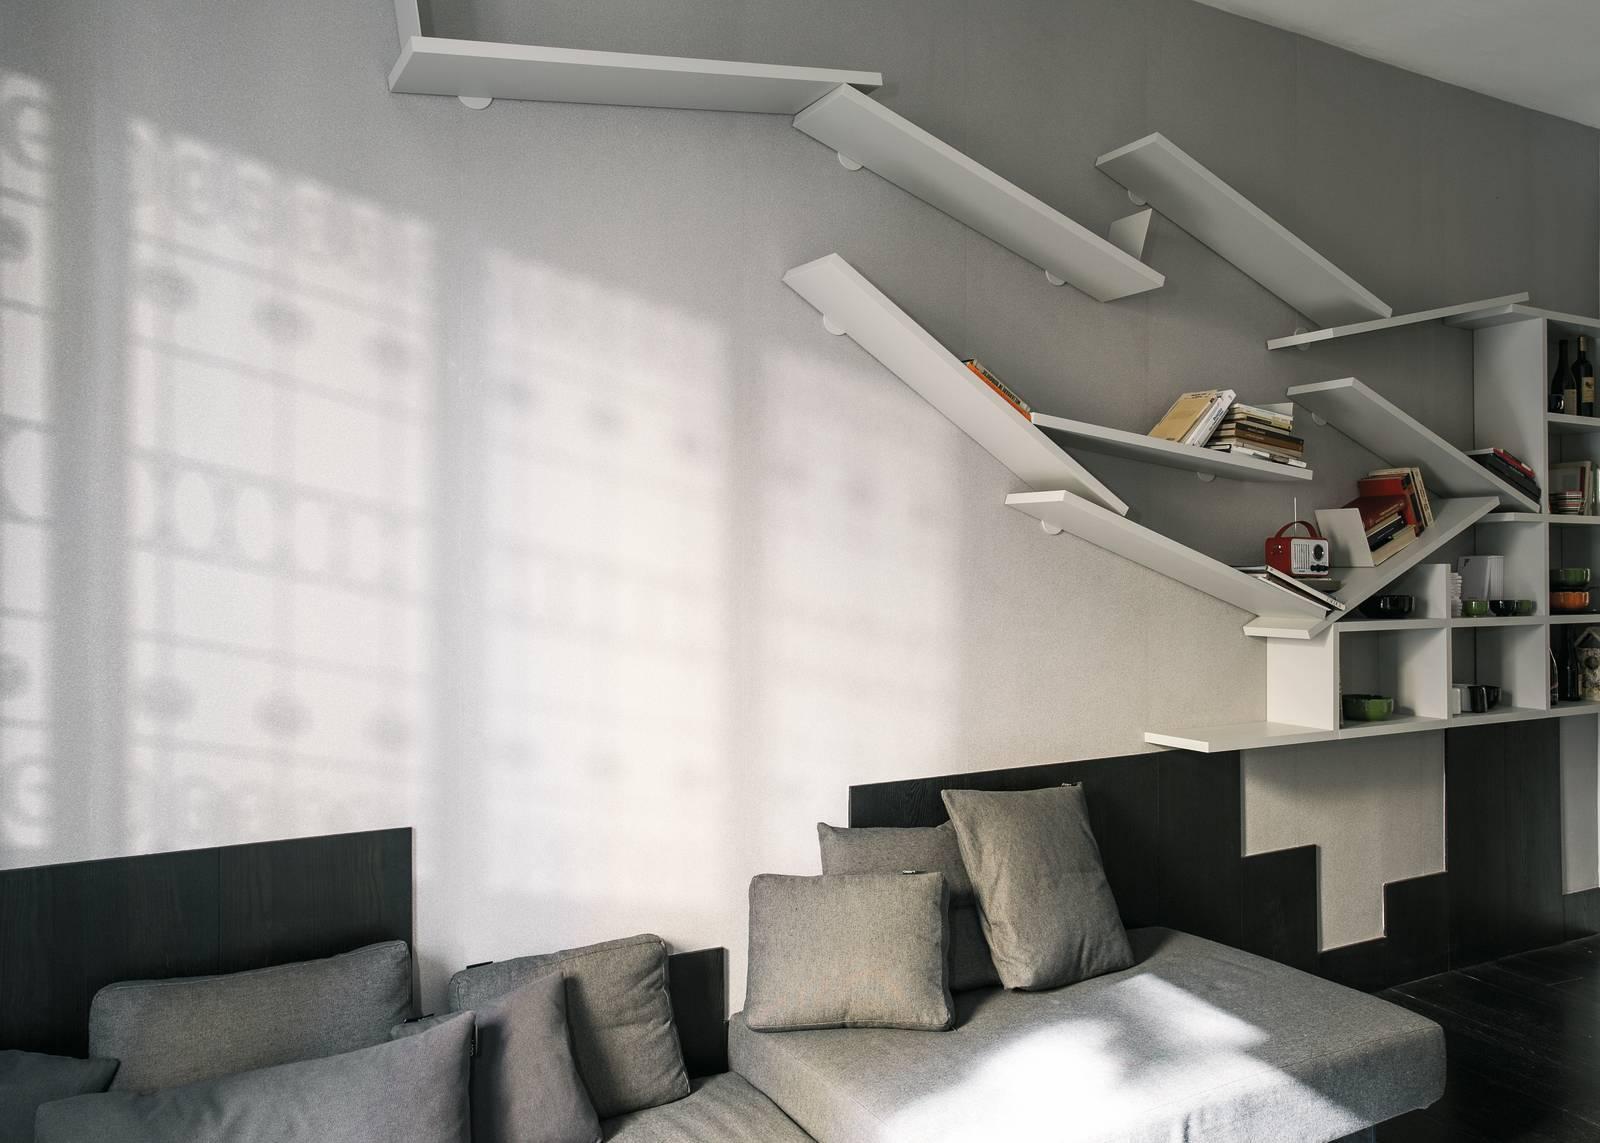 Adriani E Rossi Carta Da Parati carte da parati per la parete dietro divano - cose di casa